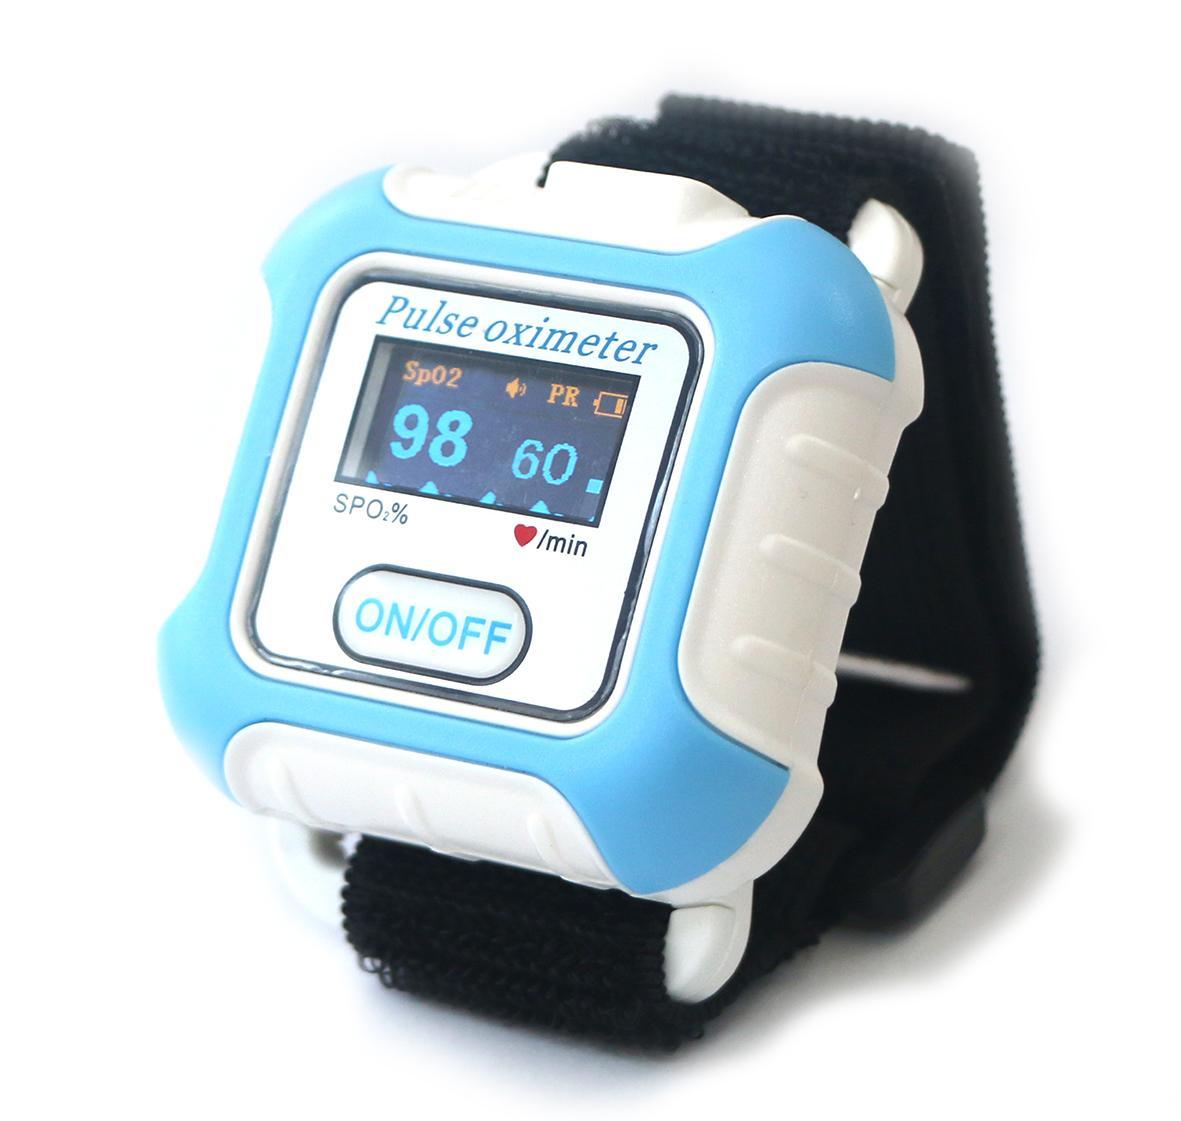 血氧传感器LCD屏医用睡眠腕部脉搏血氧仪 1